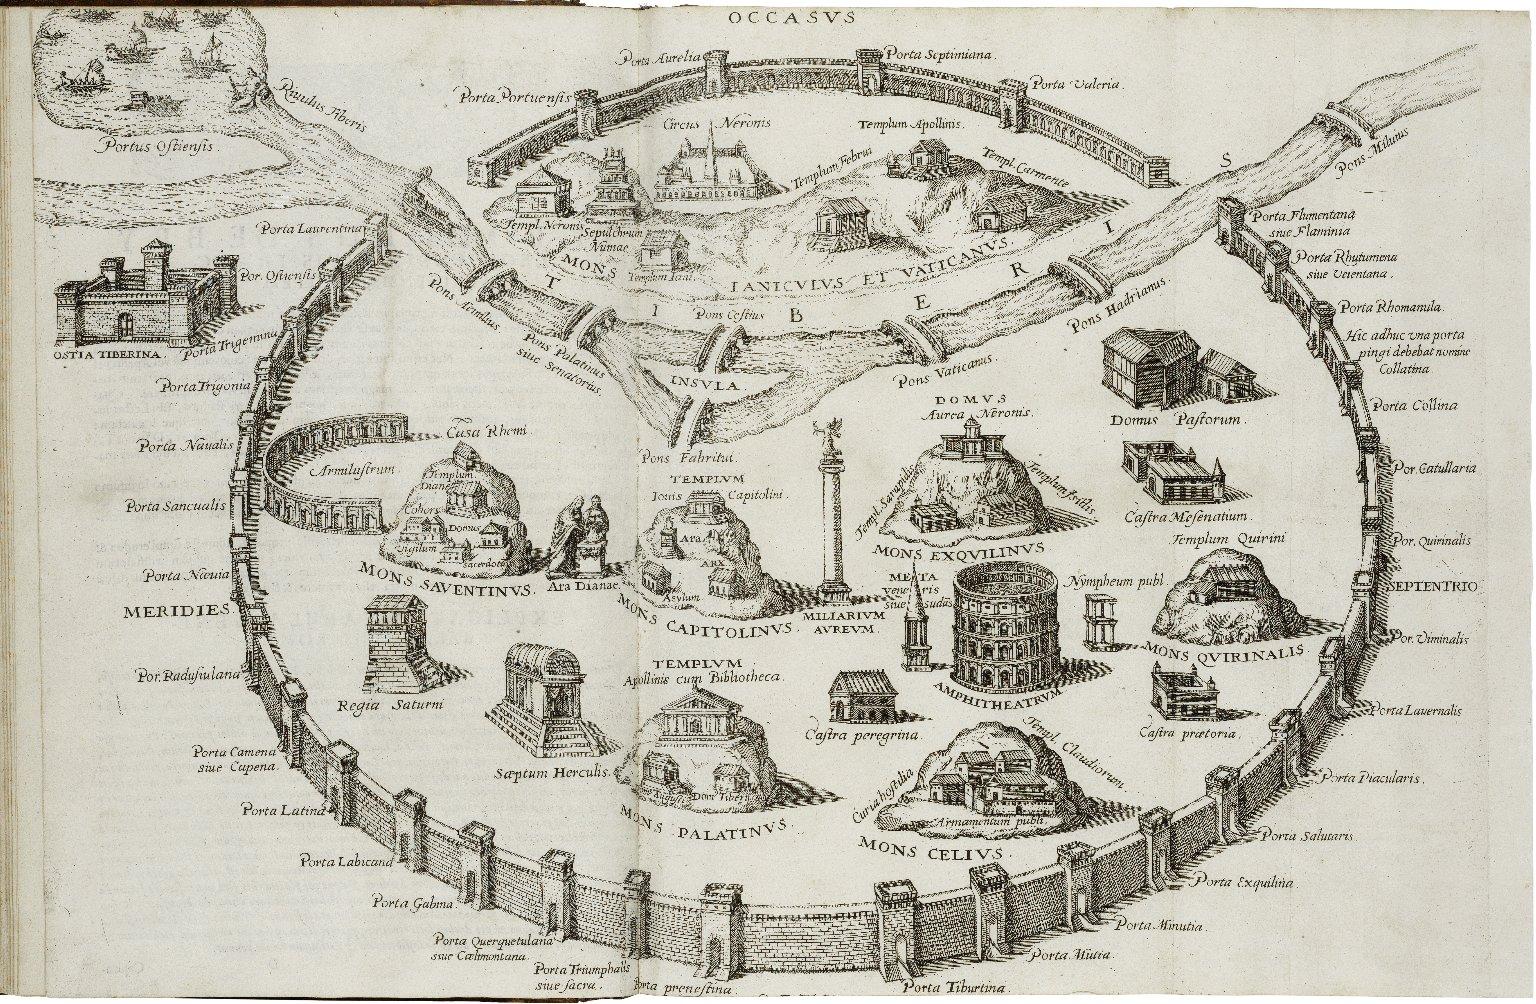 Onvphri Panulnii … Topographia Romae…